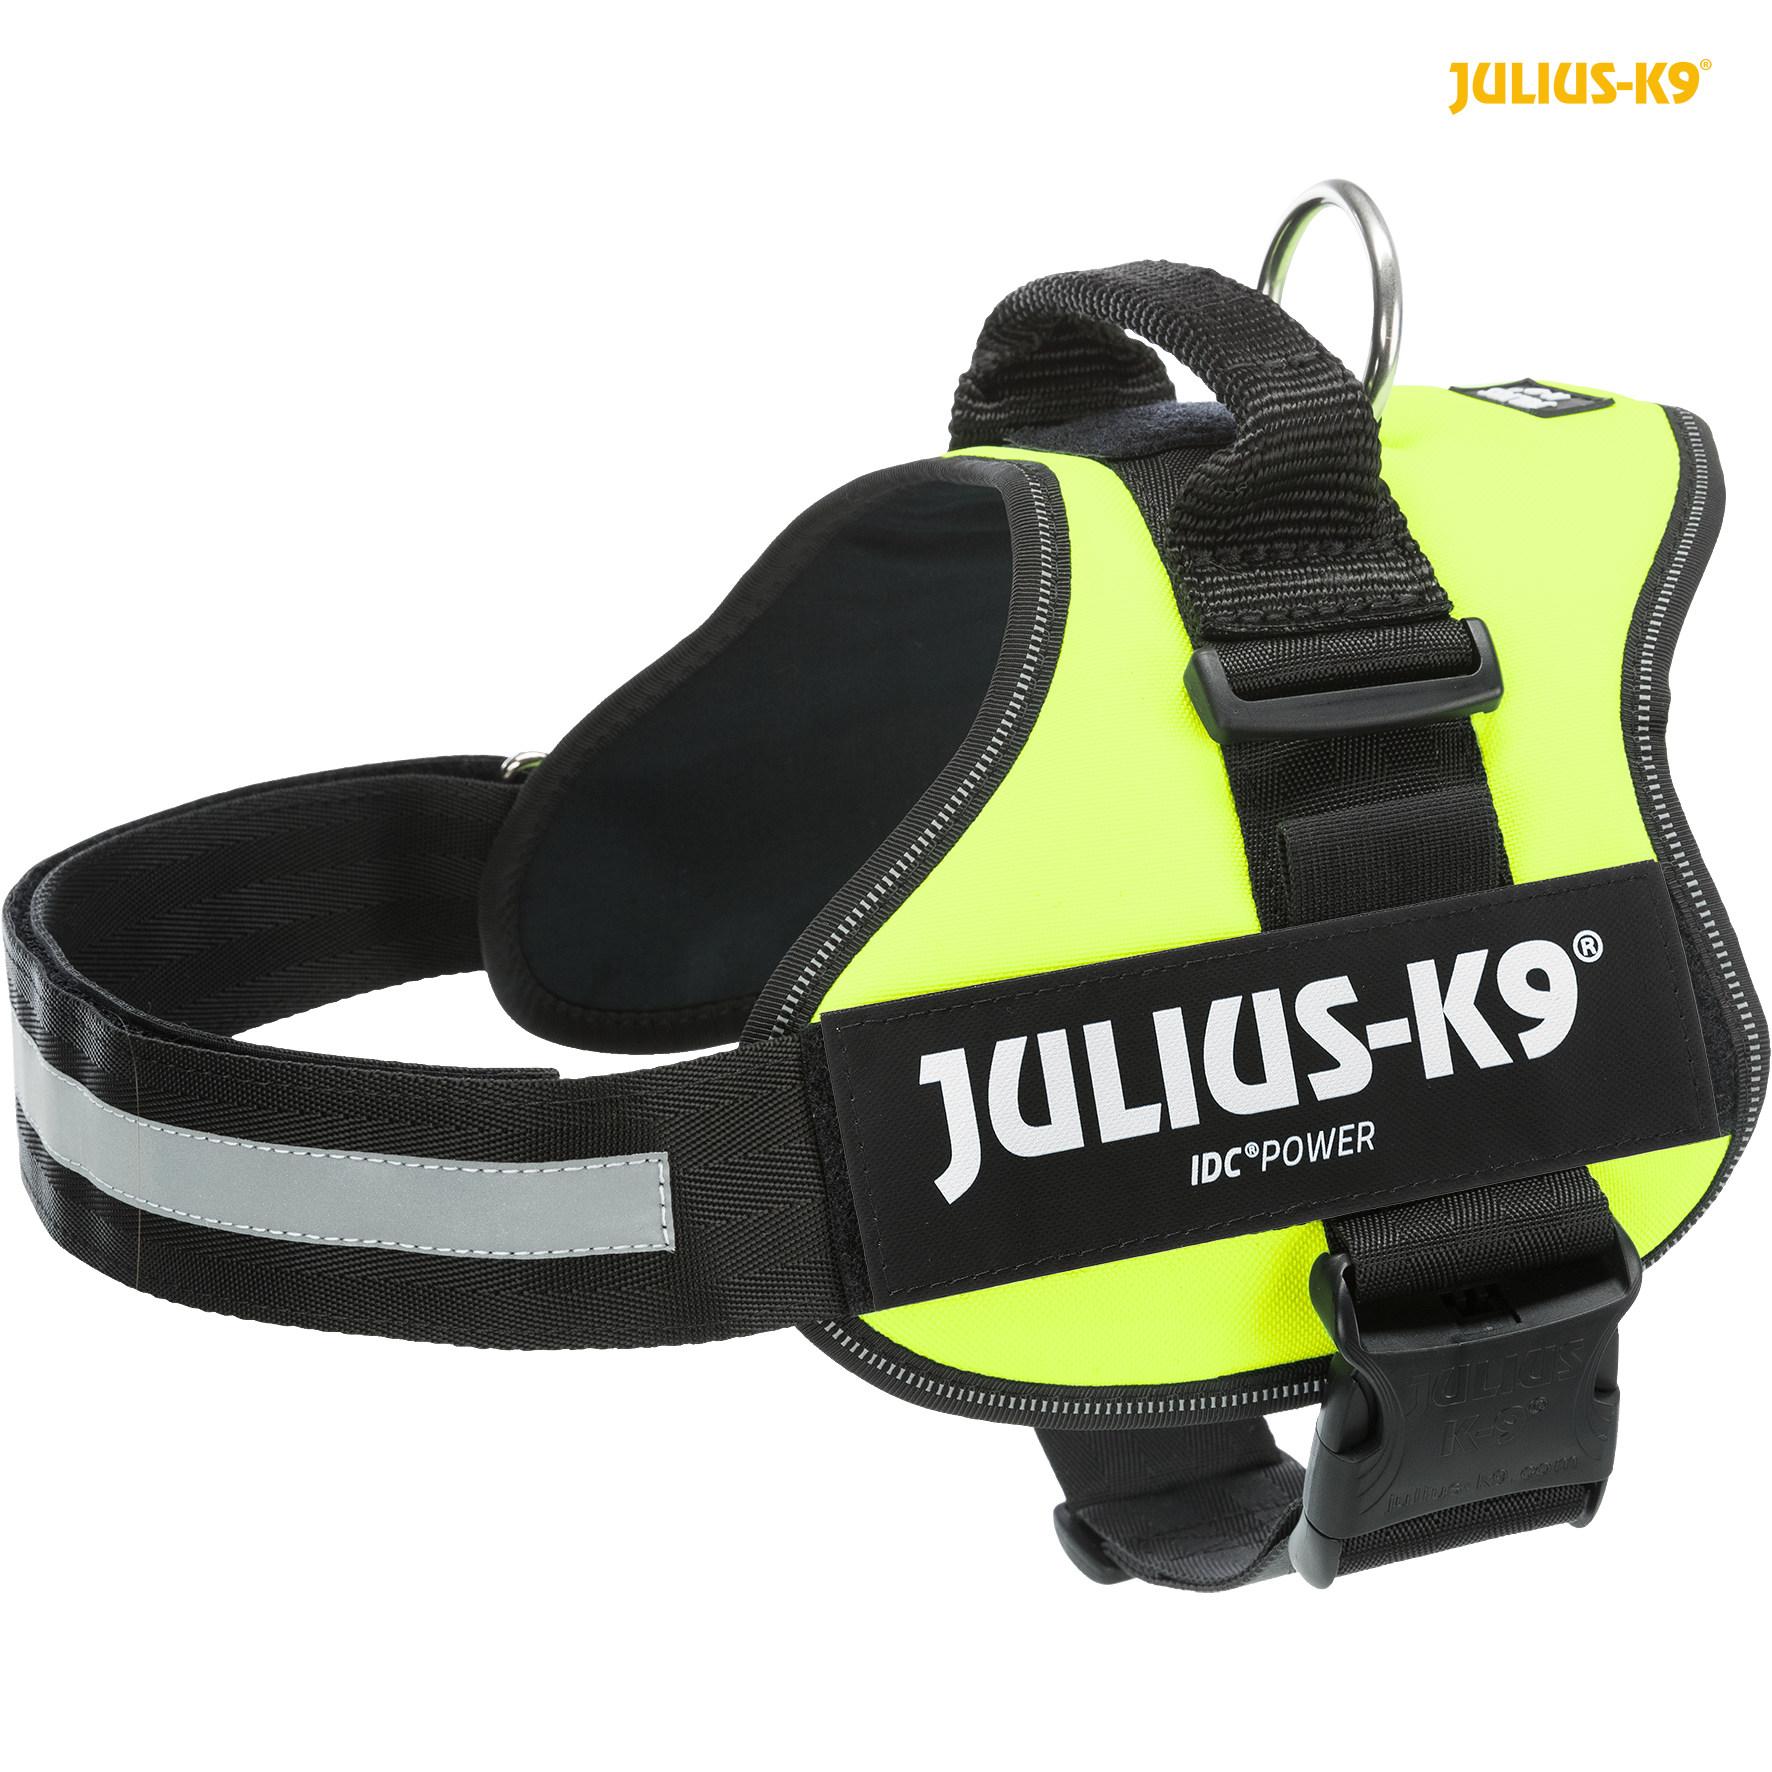 TRIXIE Julius-K9® Powergeschirr® TRIXIE K9®Powergeschirr®, L/1: 66–85 cm/50 mm, neongrün